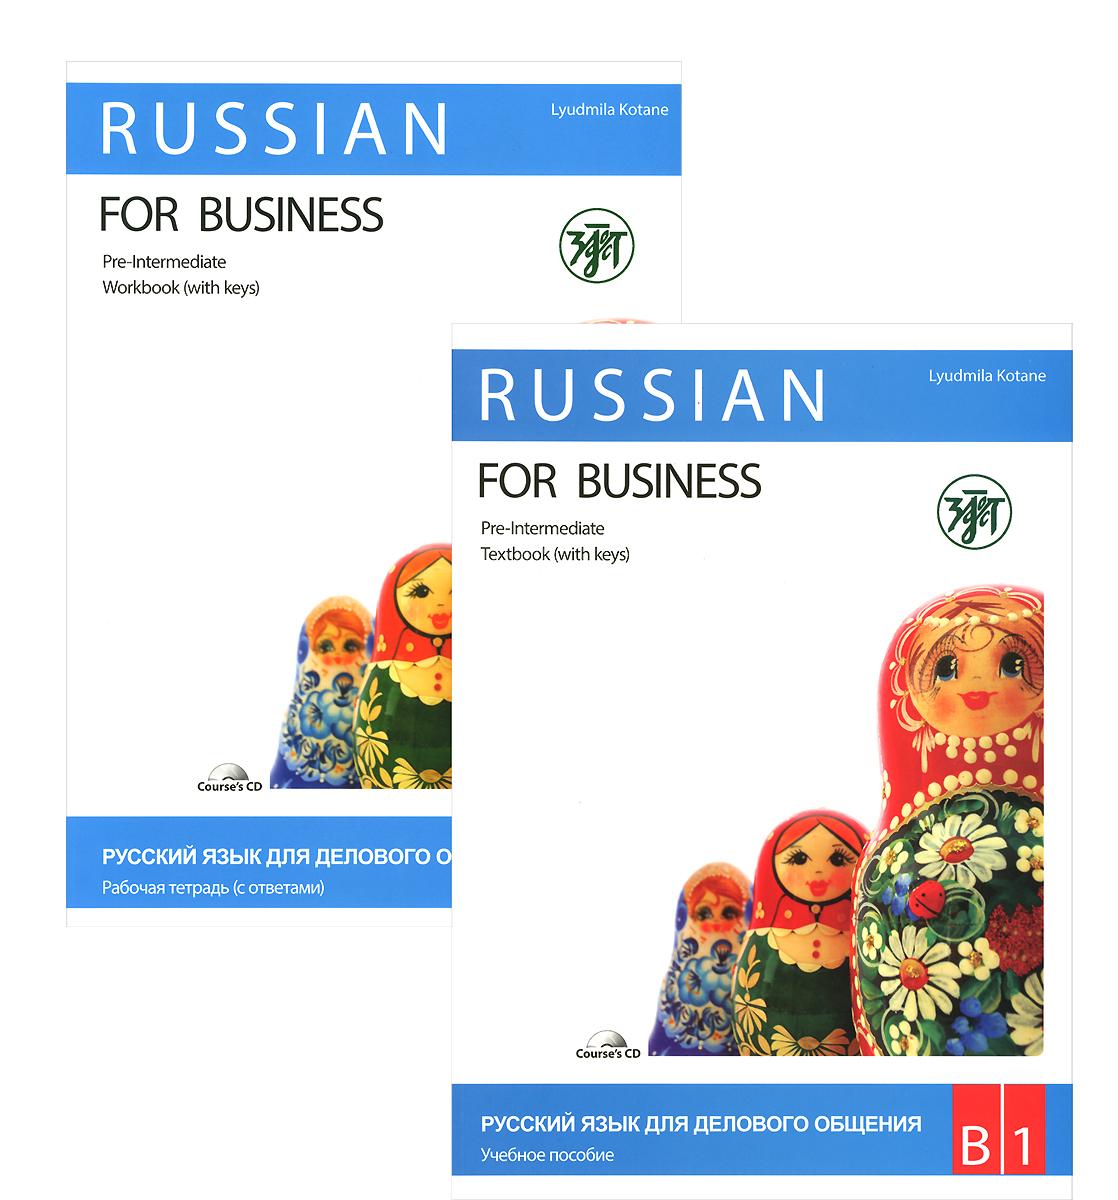 Russian for Business: Pre Intermediate: В1 / Русский язык для делового общения. Уровень В1 (комплект из 2 книг + CD)